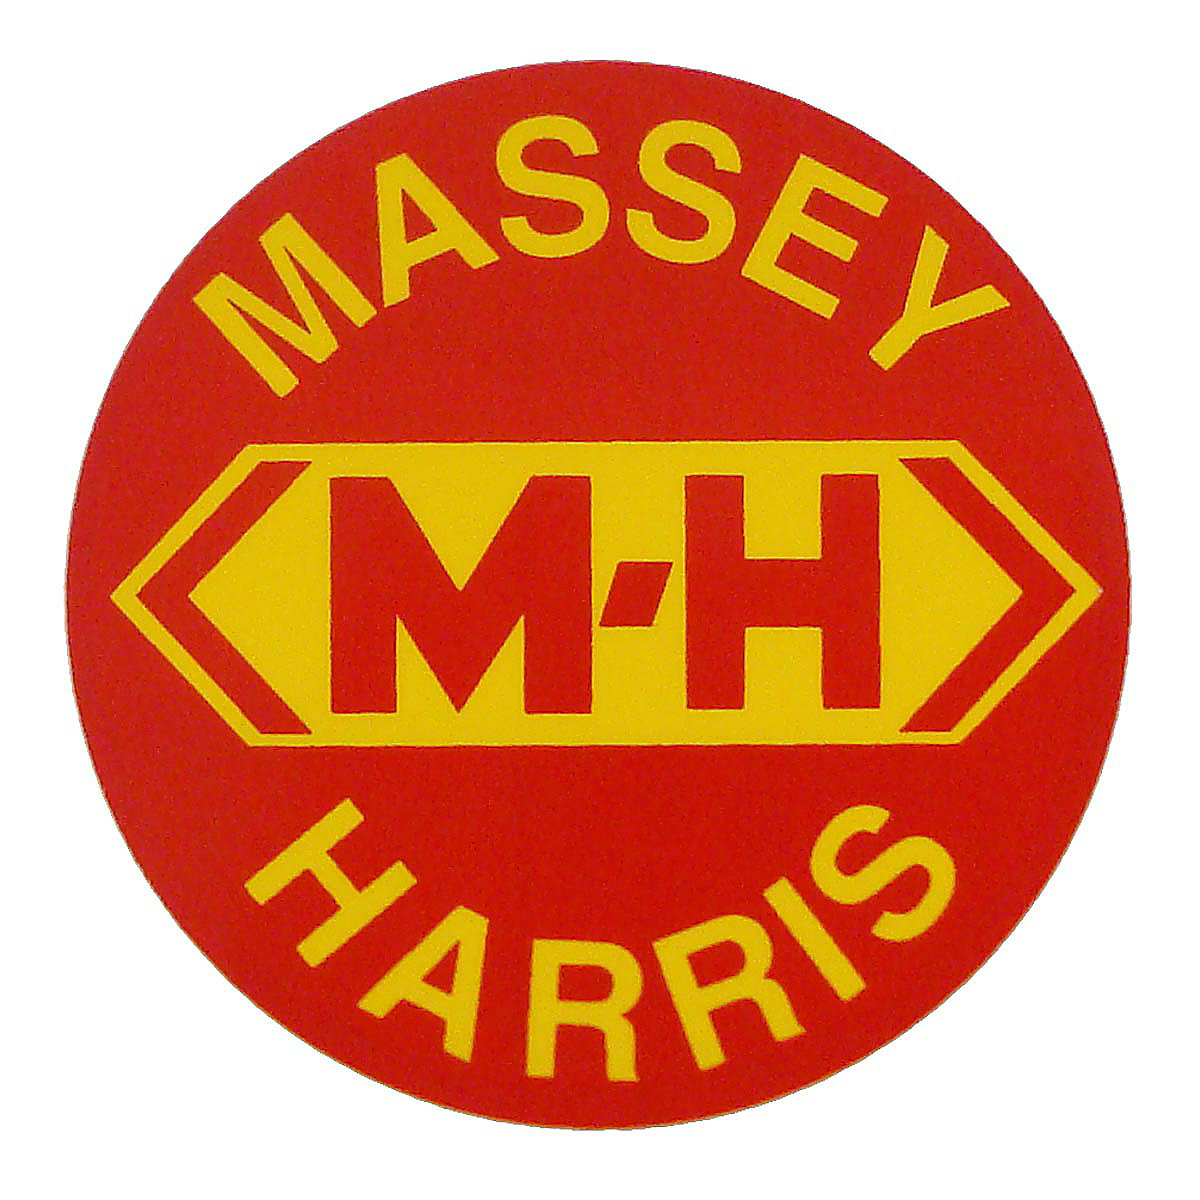 Ferguson Tractor Decals : Dec massey harris round decal